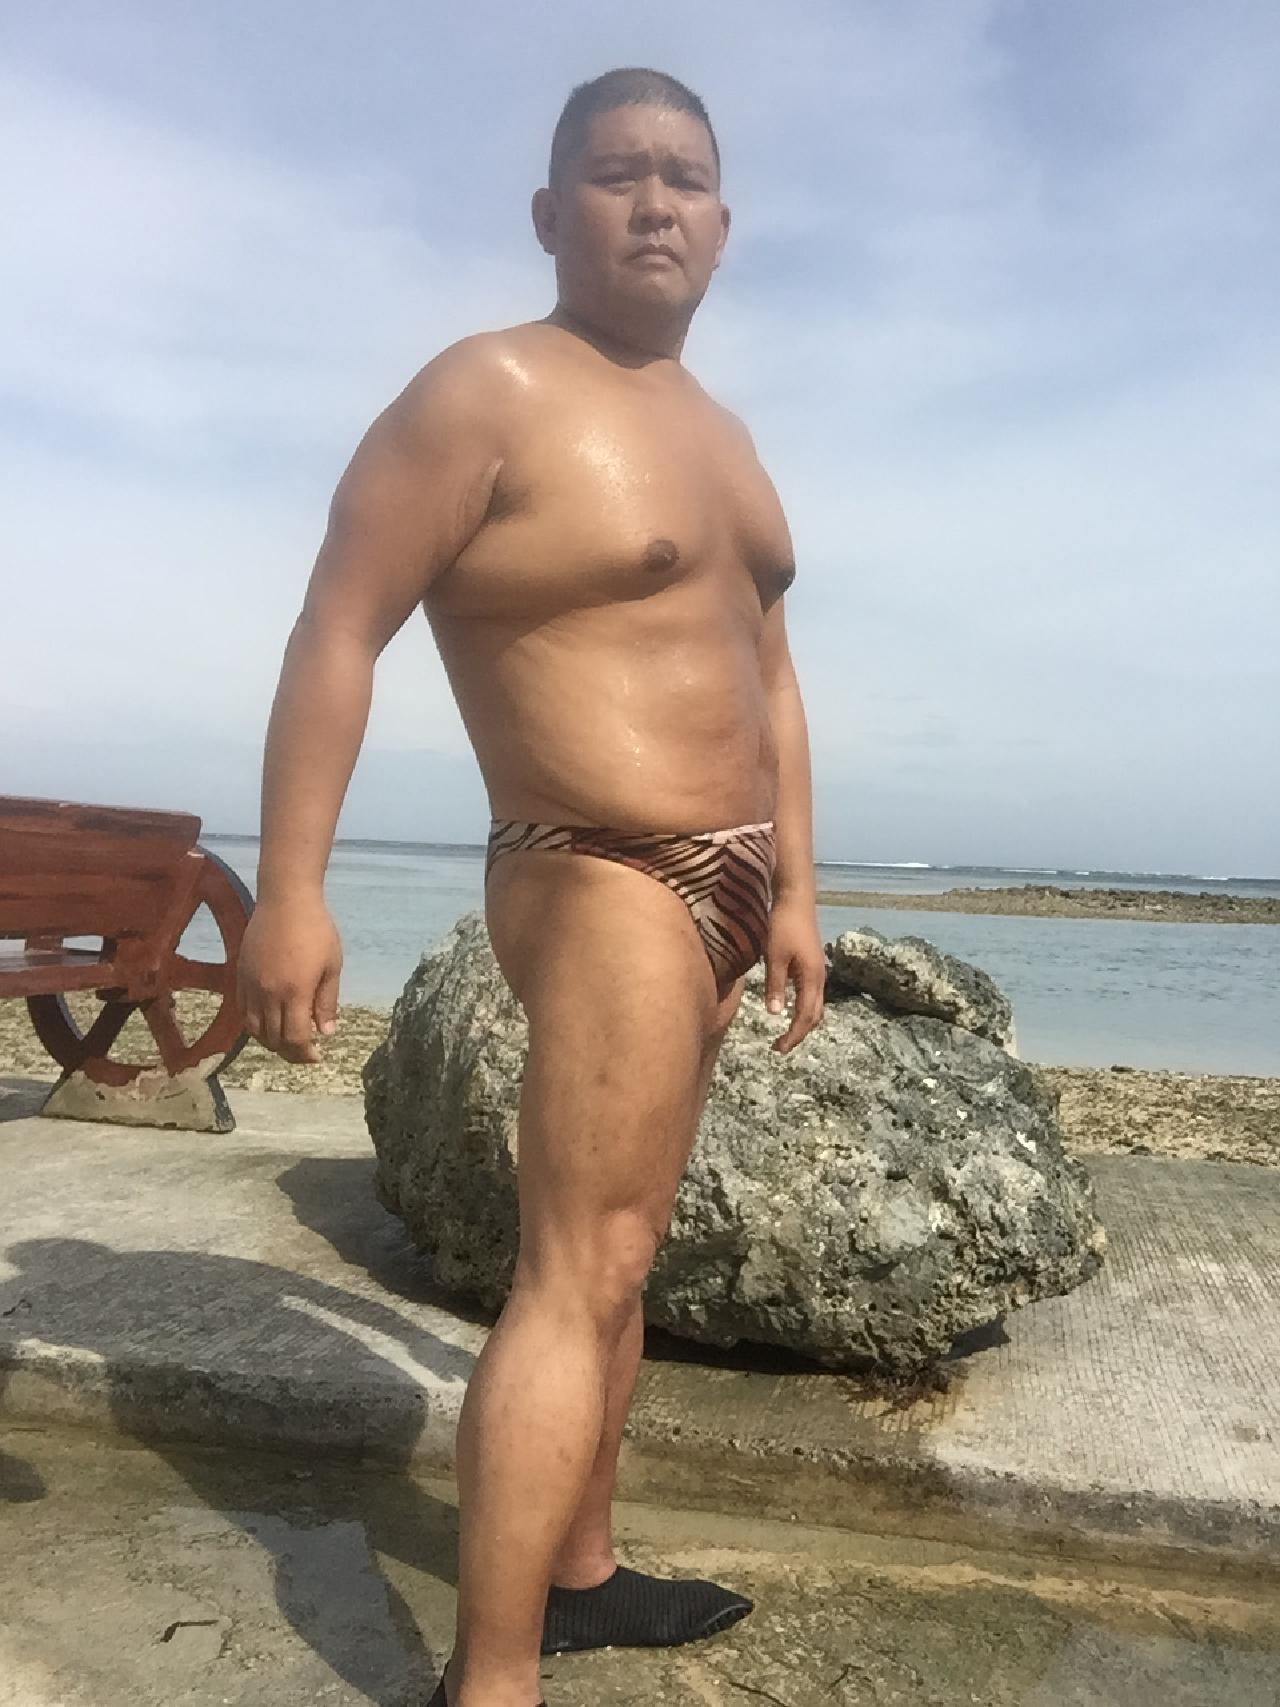 Bikini sun bather (110/218)